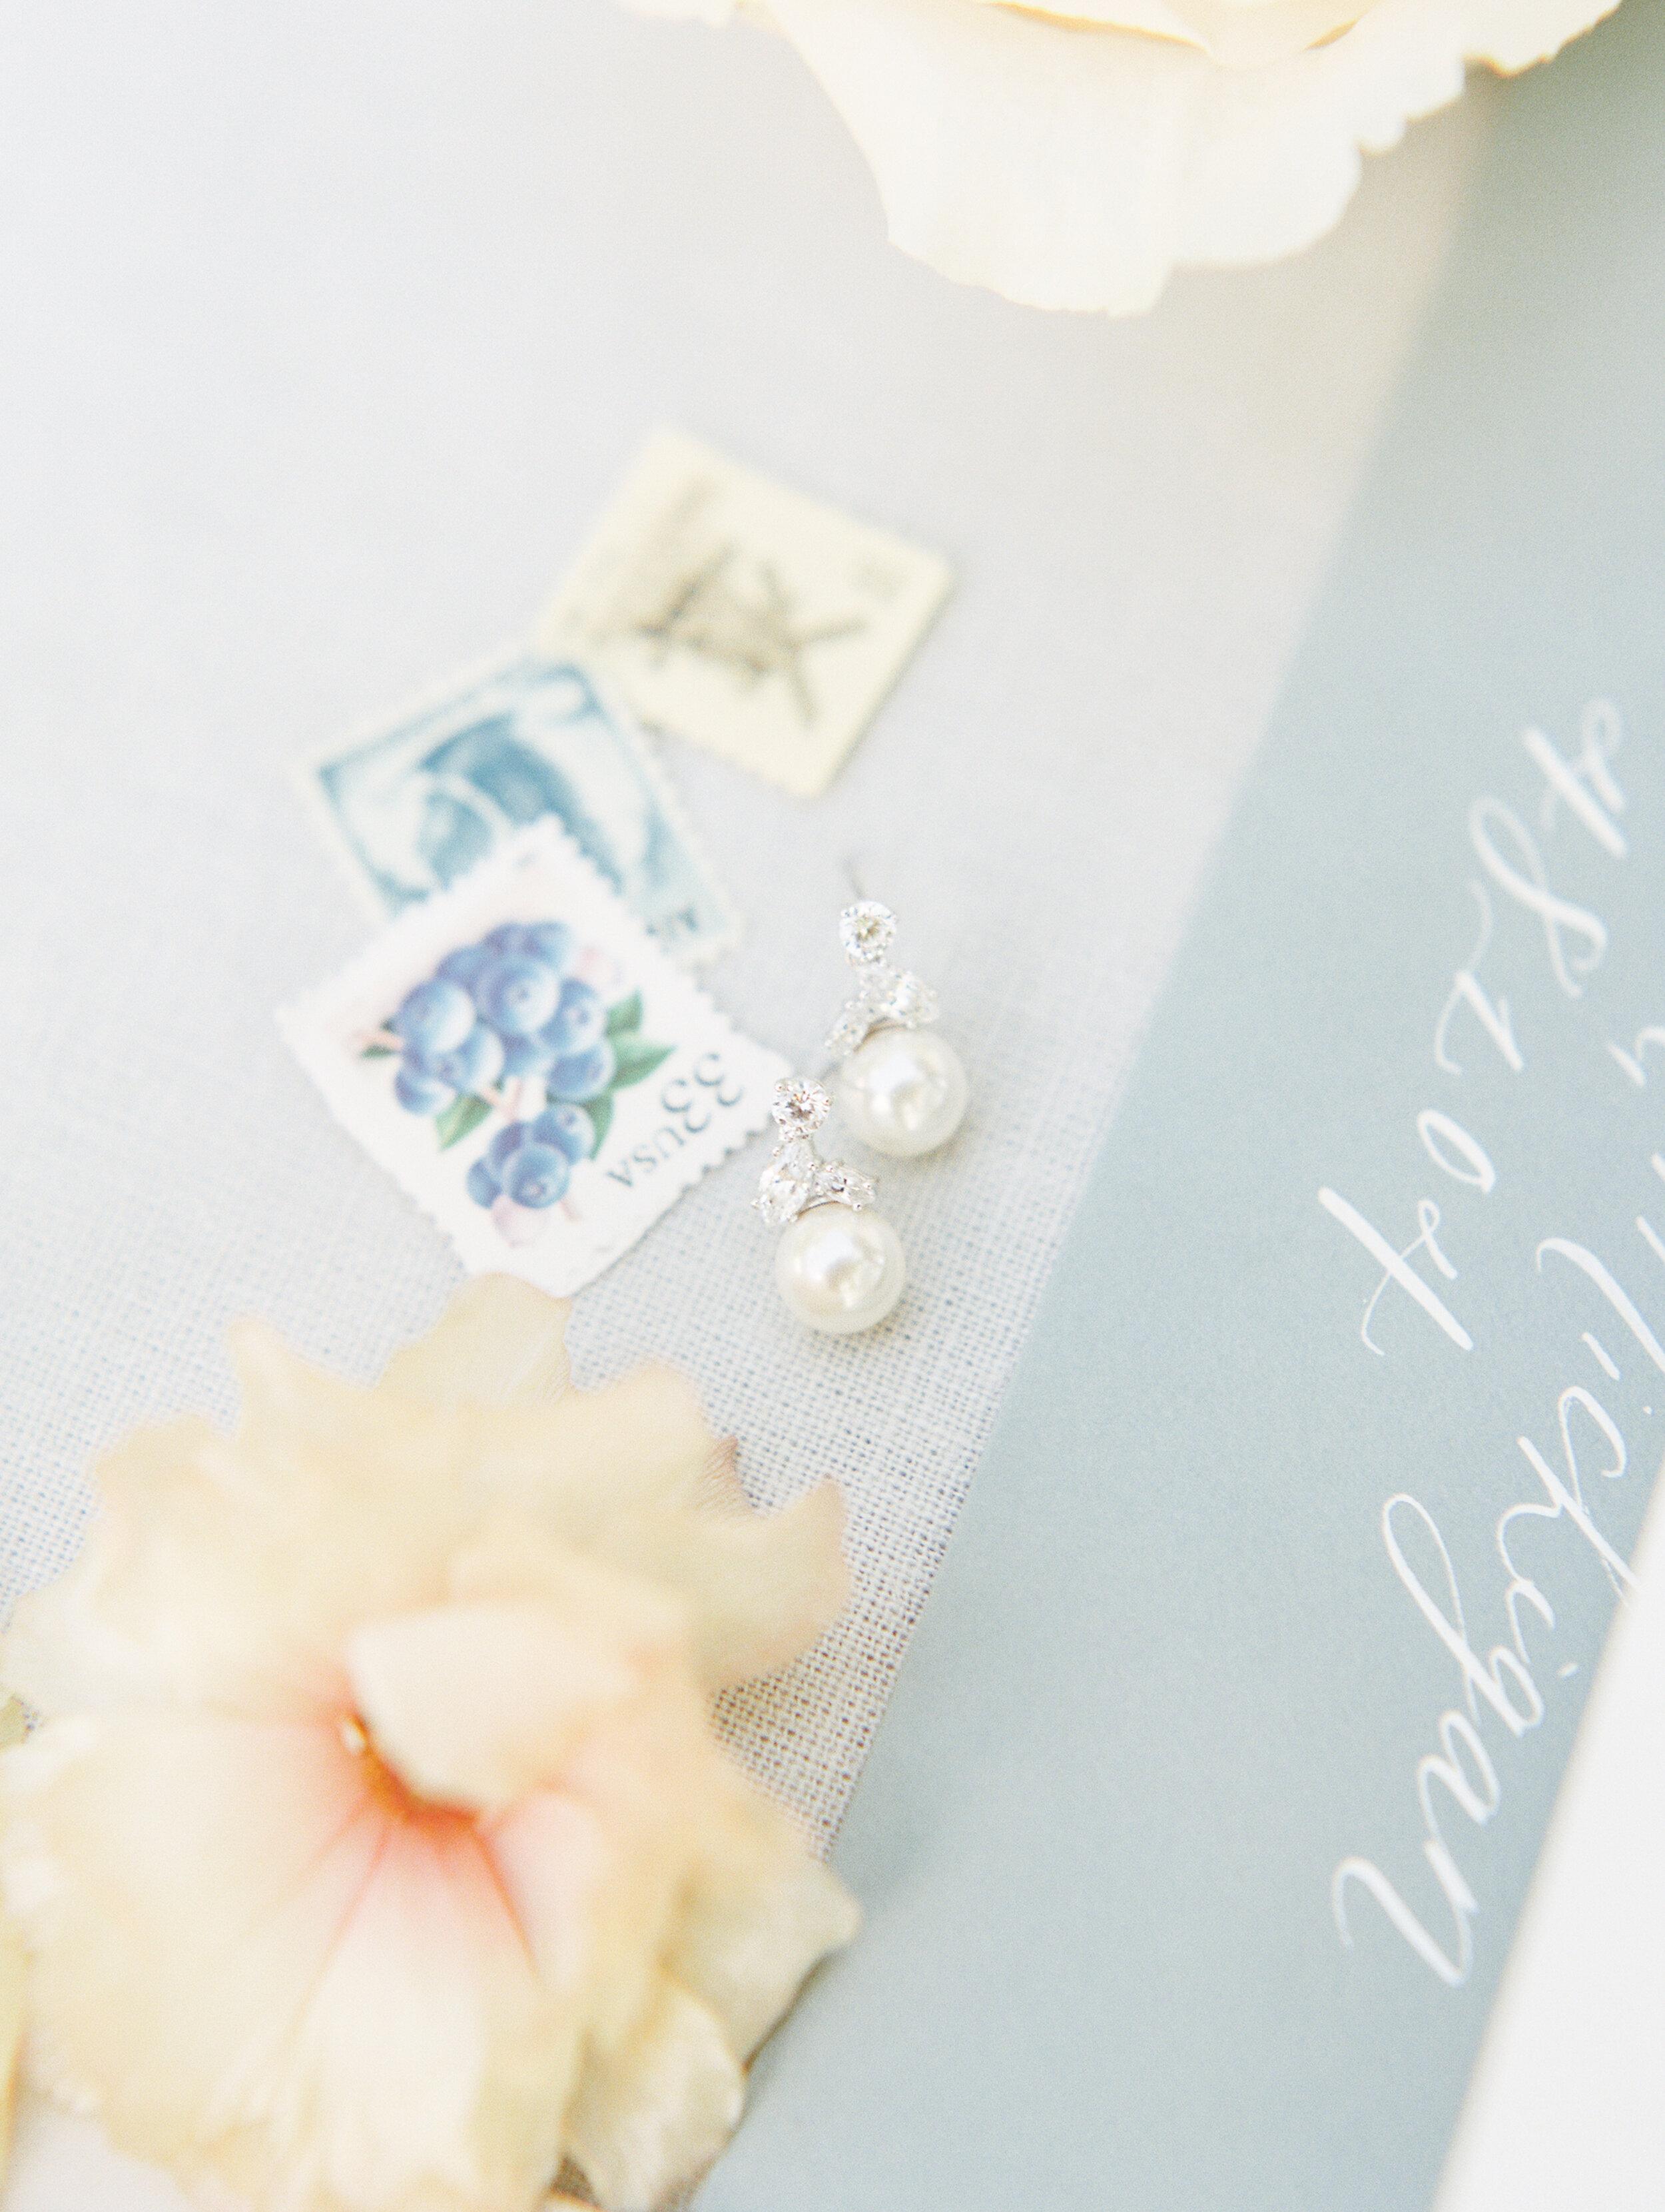 Steinlage+Wedding+Details-13.jpg